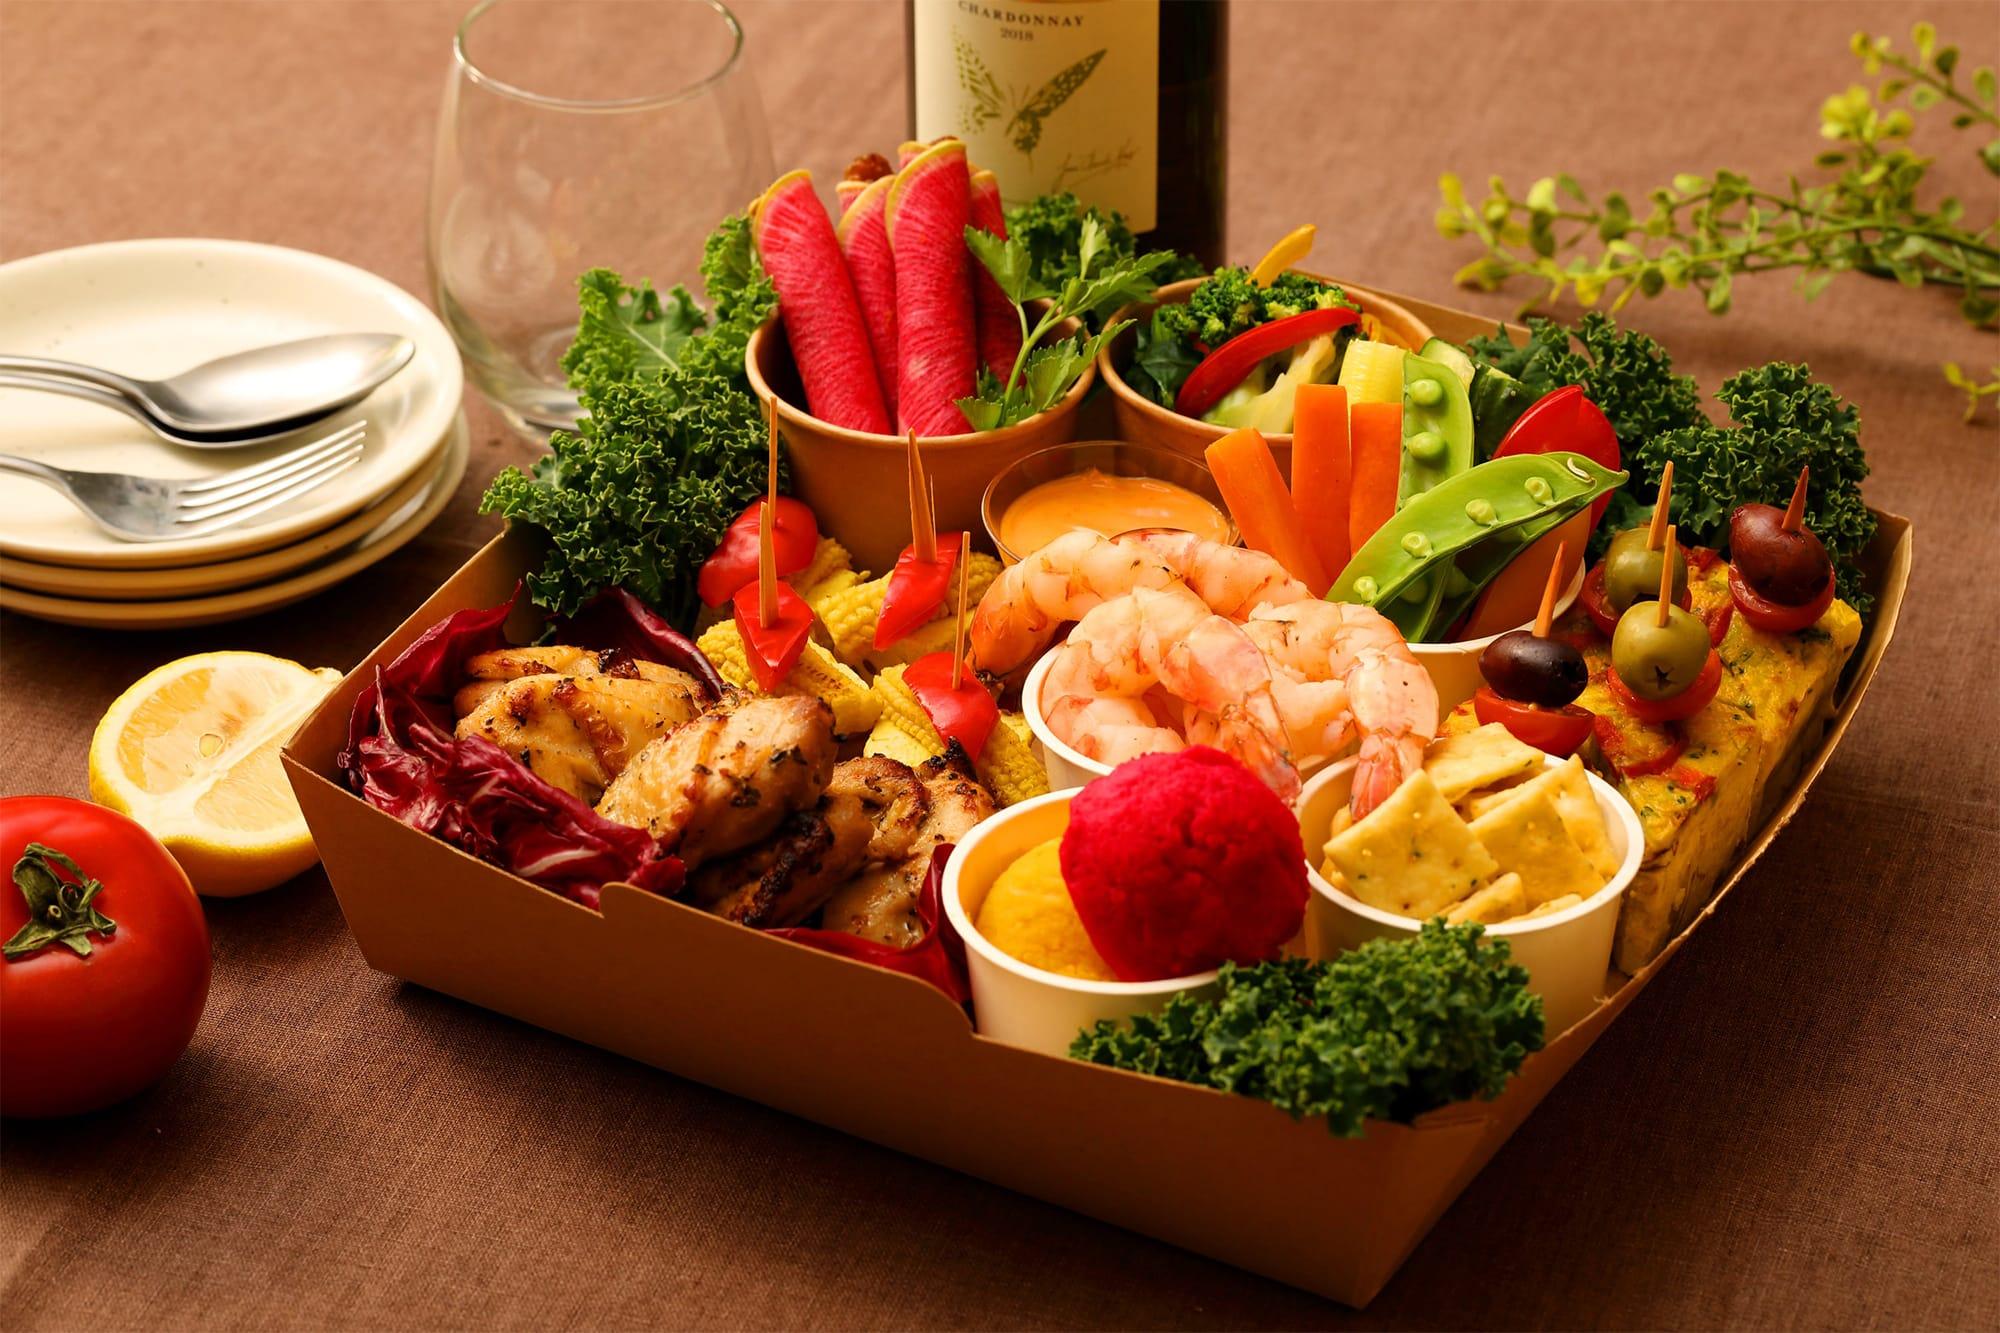 秋川牧園鶏のハーブローストや、ピンチョス、スティックサラダなど3〜4人分のお料理7品を盛り合わせた「シネマBioBox」。